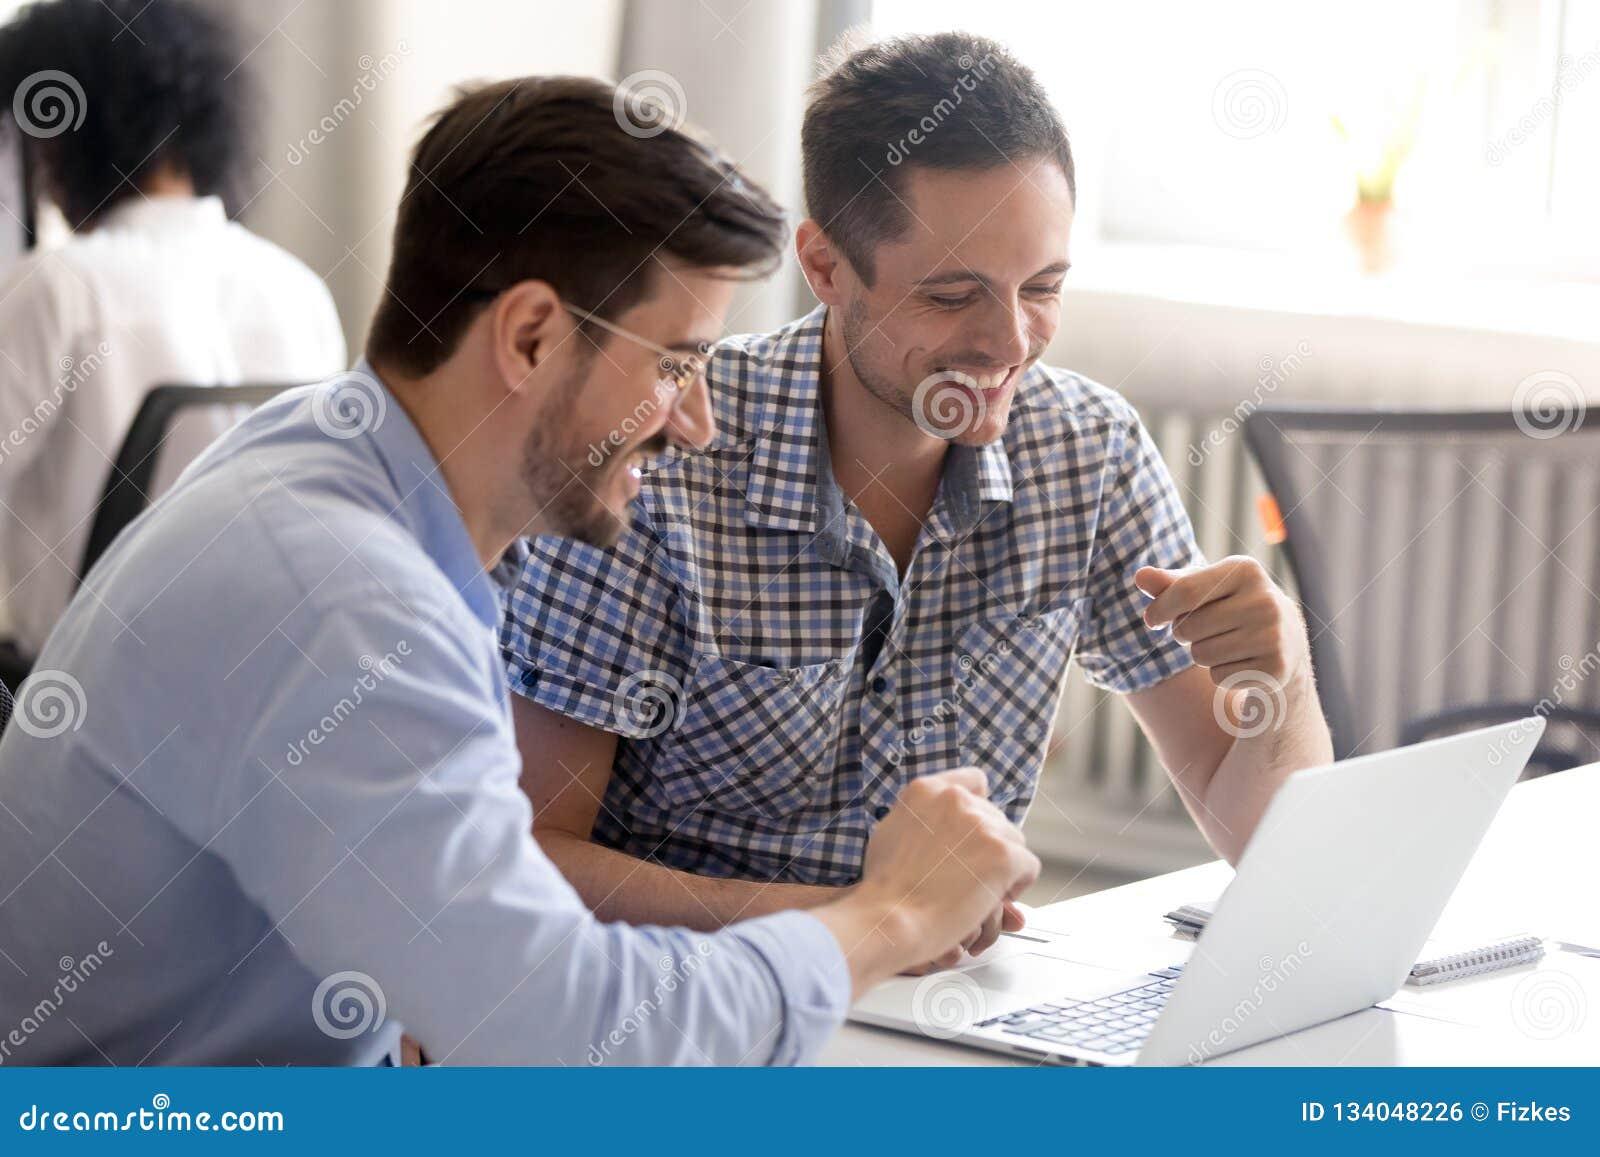 Коллега по работе кто онлайн индикаторы форекс стратегия скальпинга